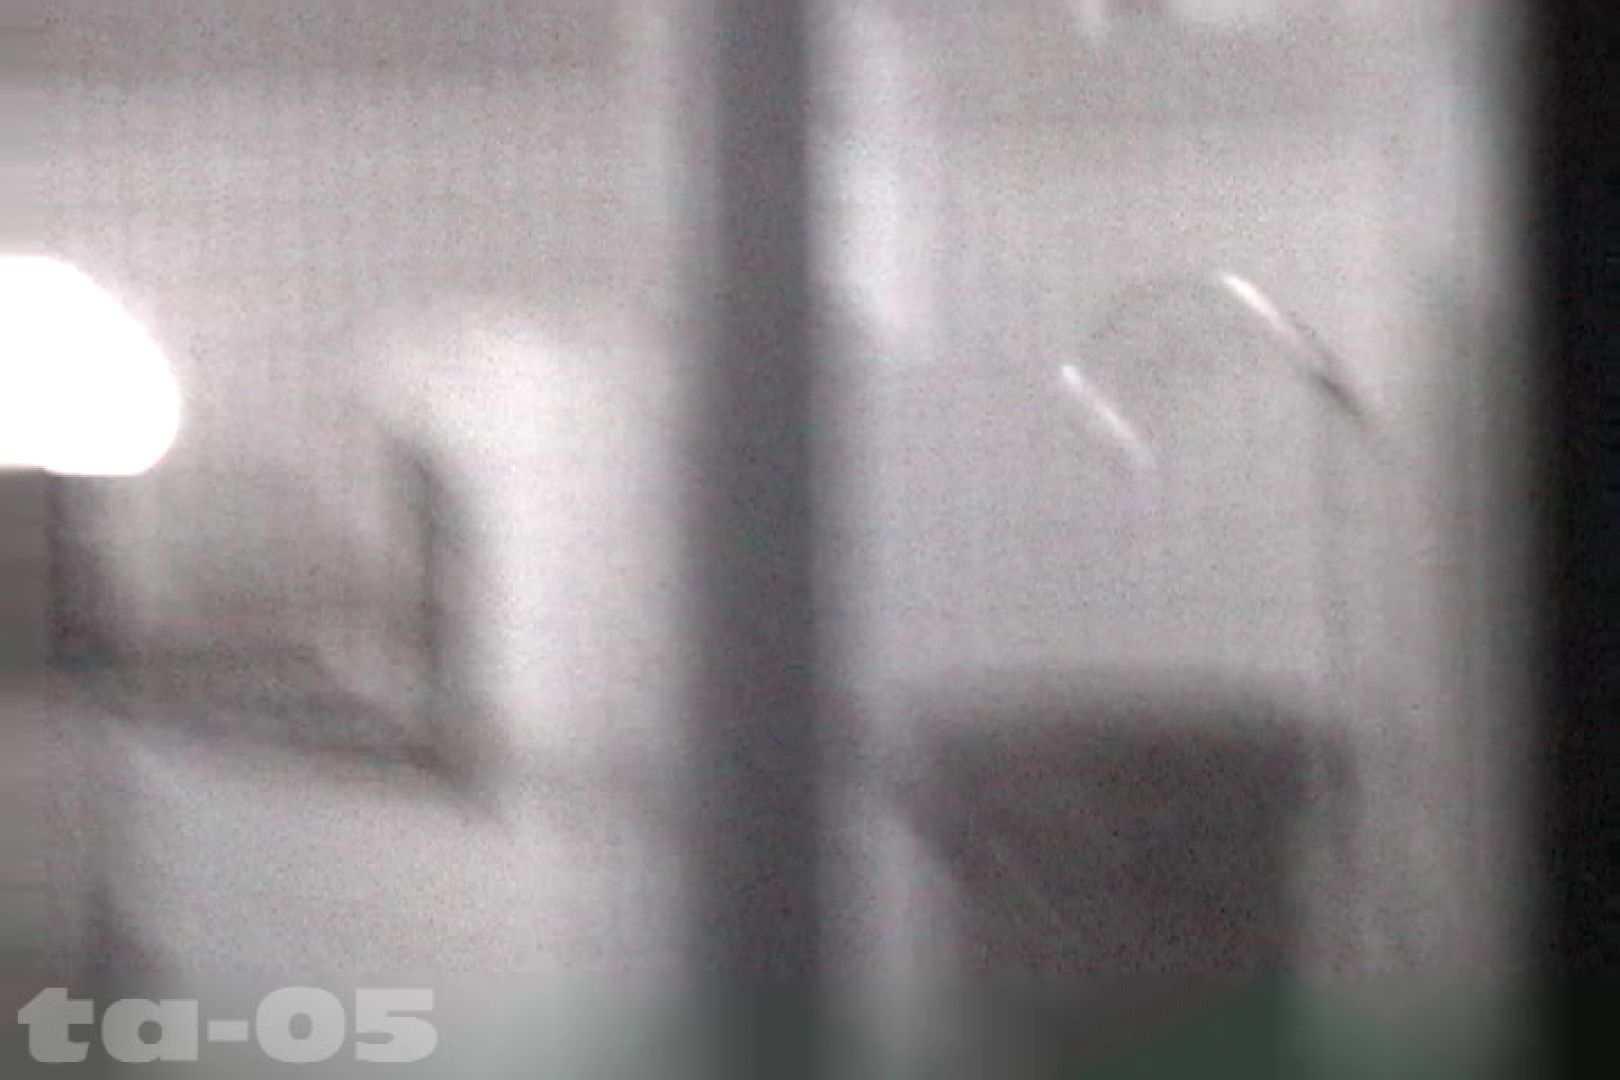 只野男 合宿ホテル女風呂盗撮 高画質版 Vol.5 合宿 覗きおまんこ画像 72PIX 23